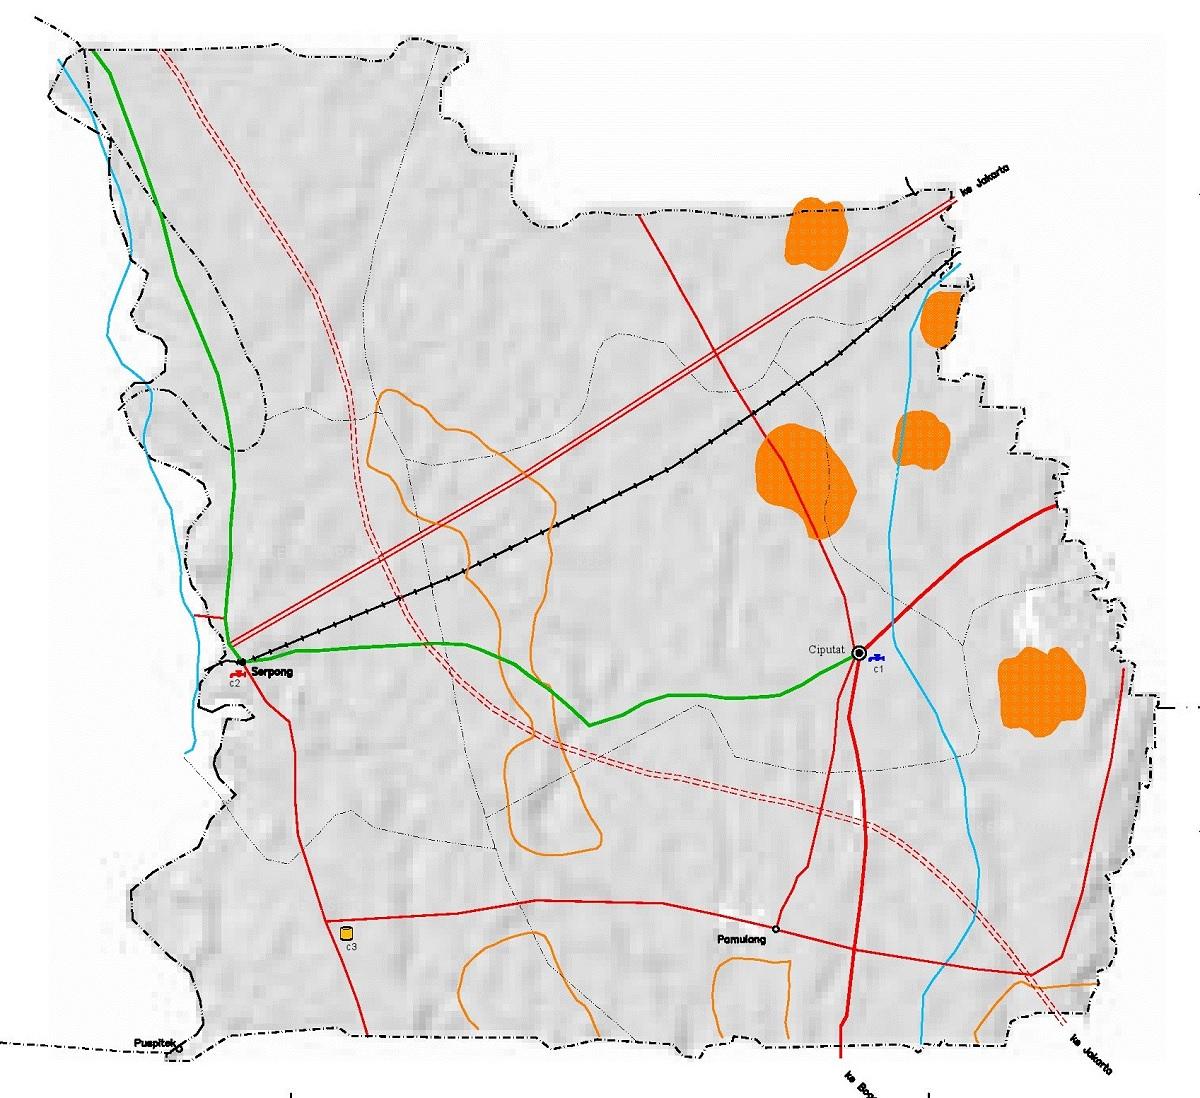 Peta Jalan di Kota Tangerang Selatan